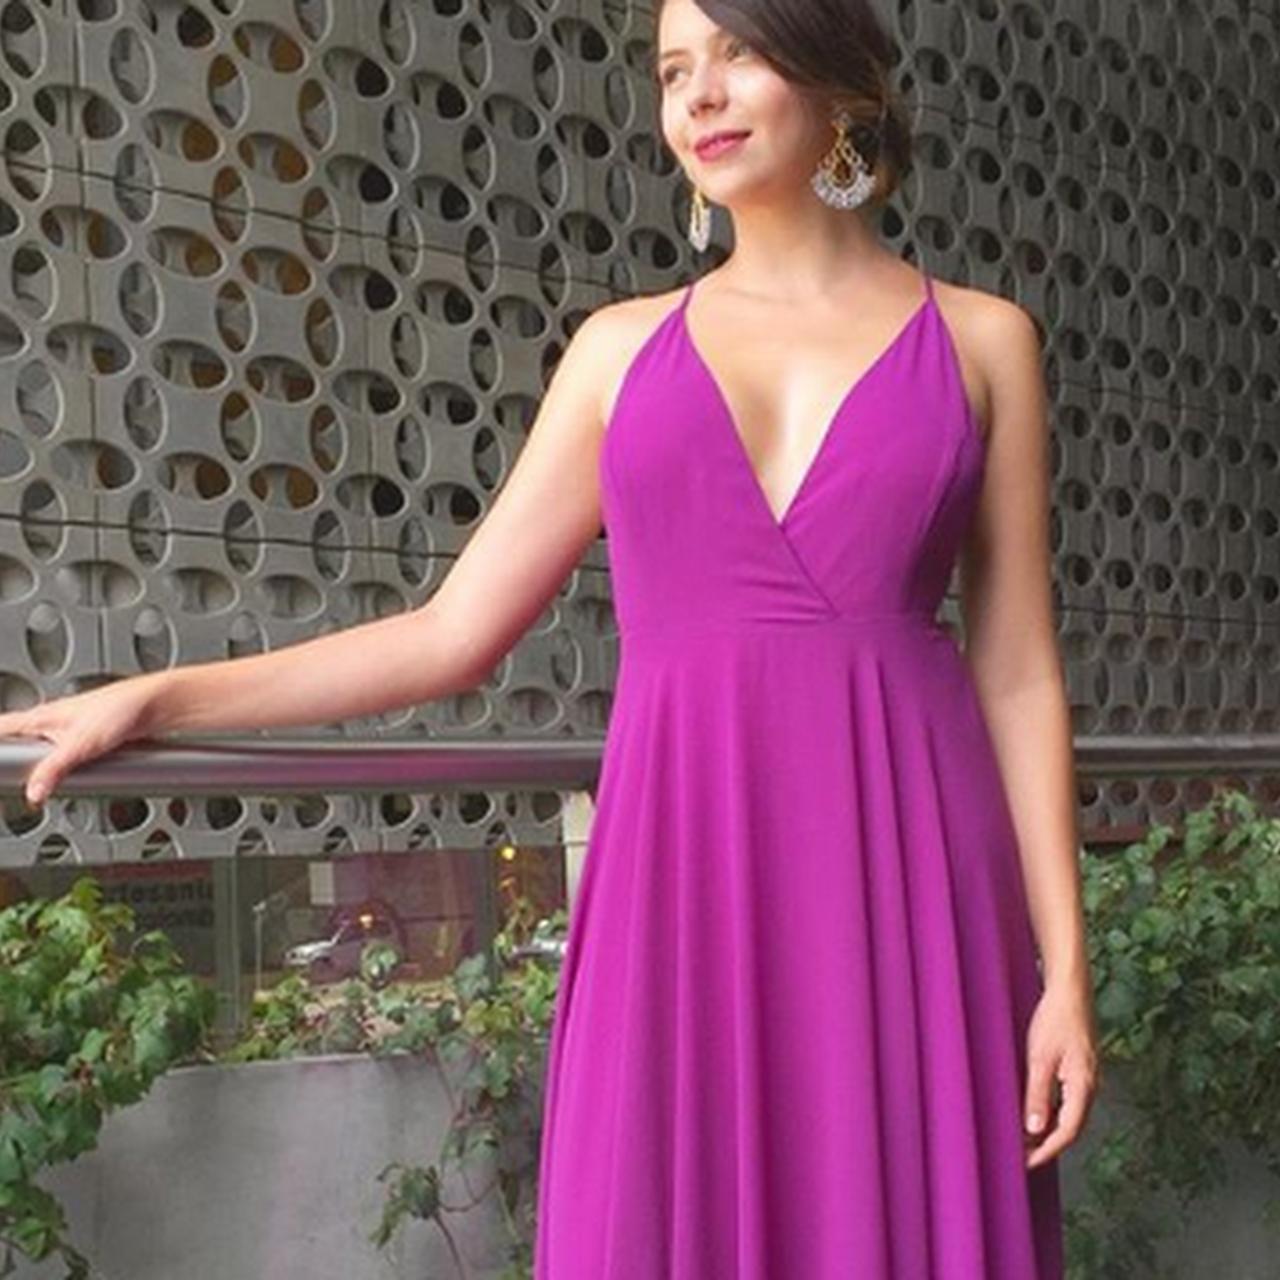 Alquiler de Vestidos Nueces de Castaño - Alquiler de Vestidos